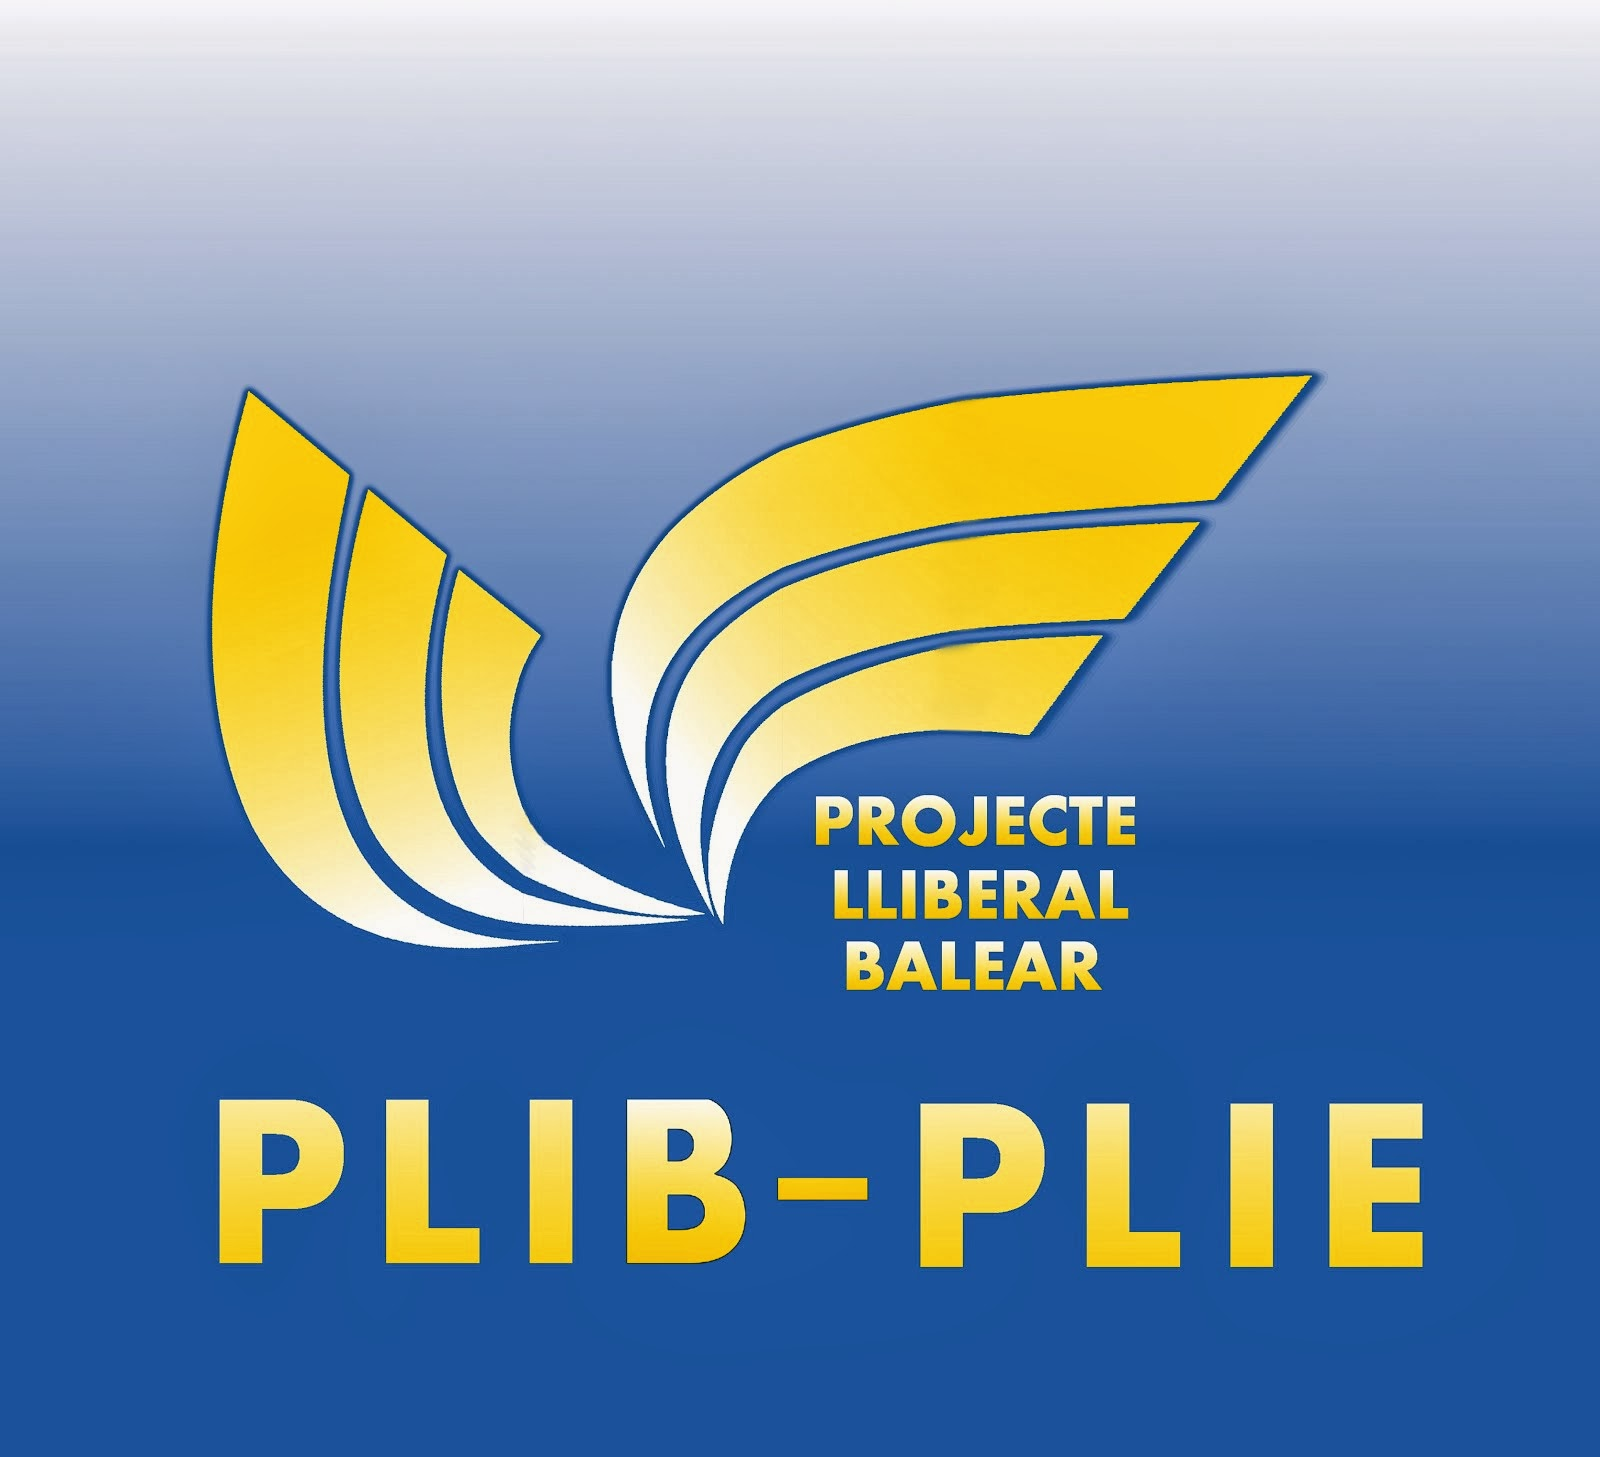 El conservadurismo es una actitud, el Liberalismo es un proyecto.